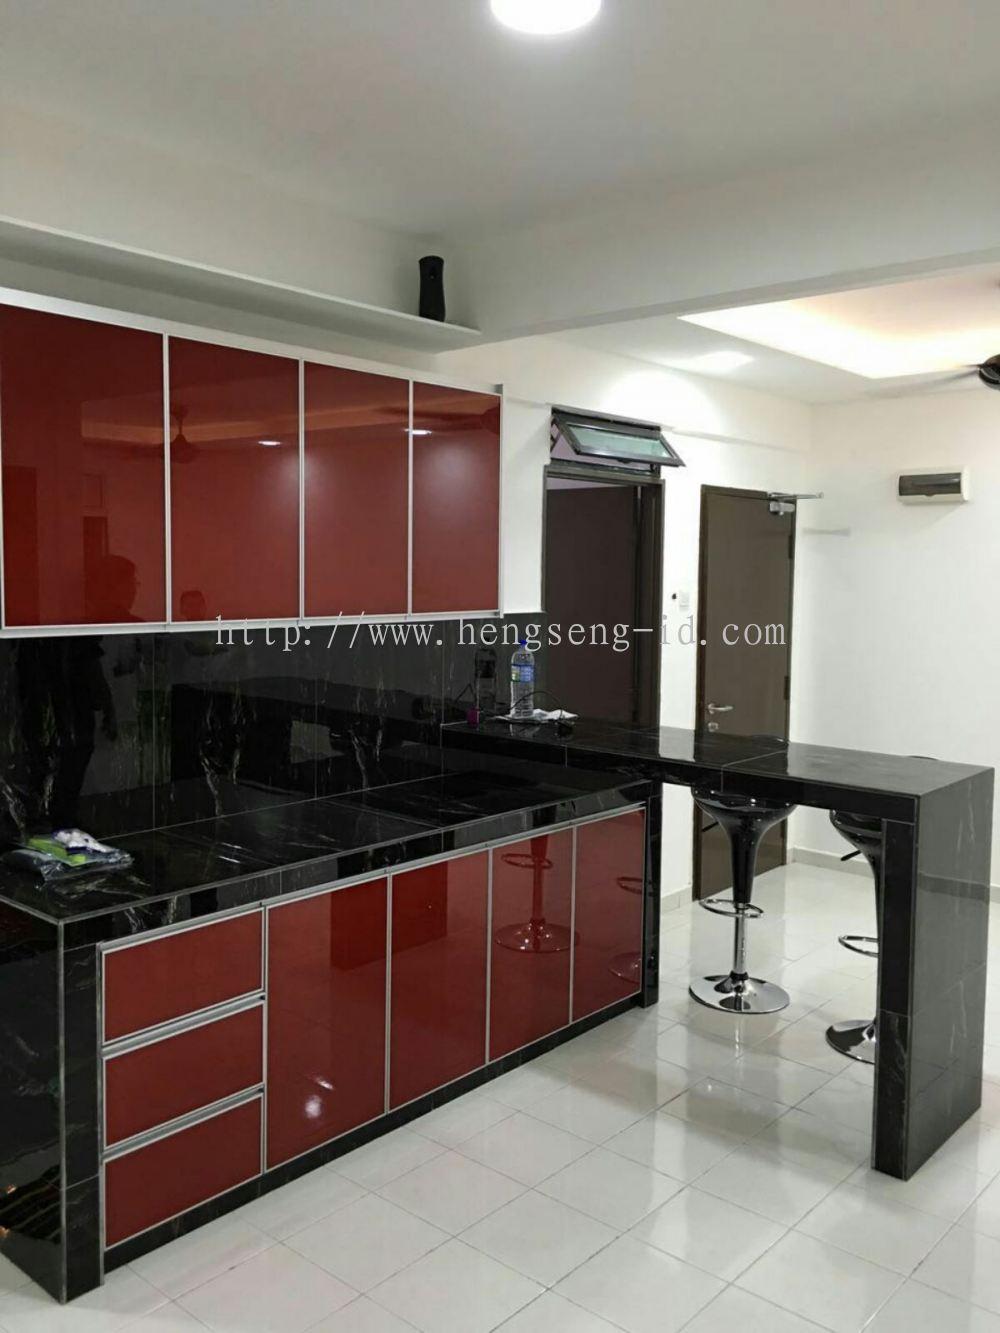 Johor Bahru Jb Kitchen Design Dapur Kering Reka Bentuk Daripada Hen